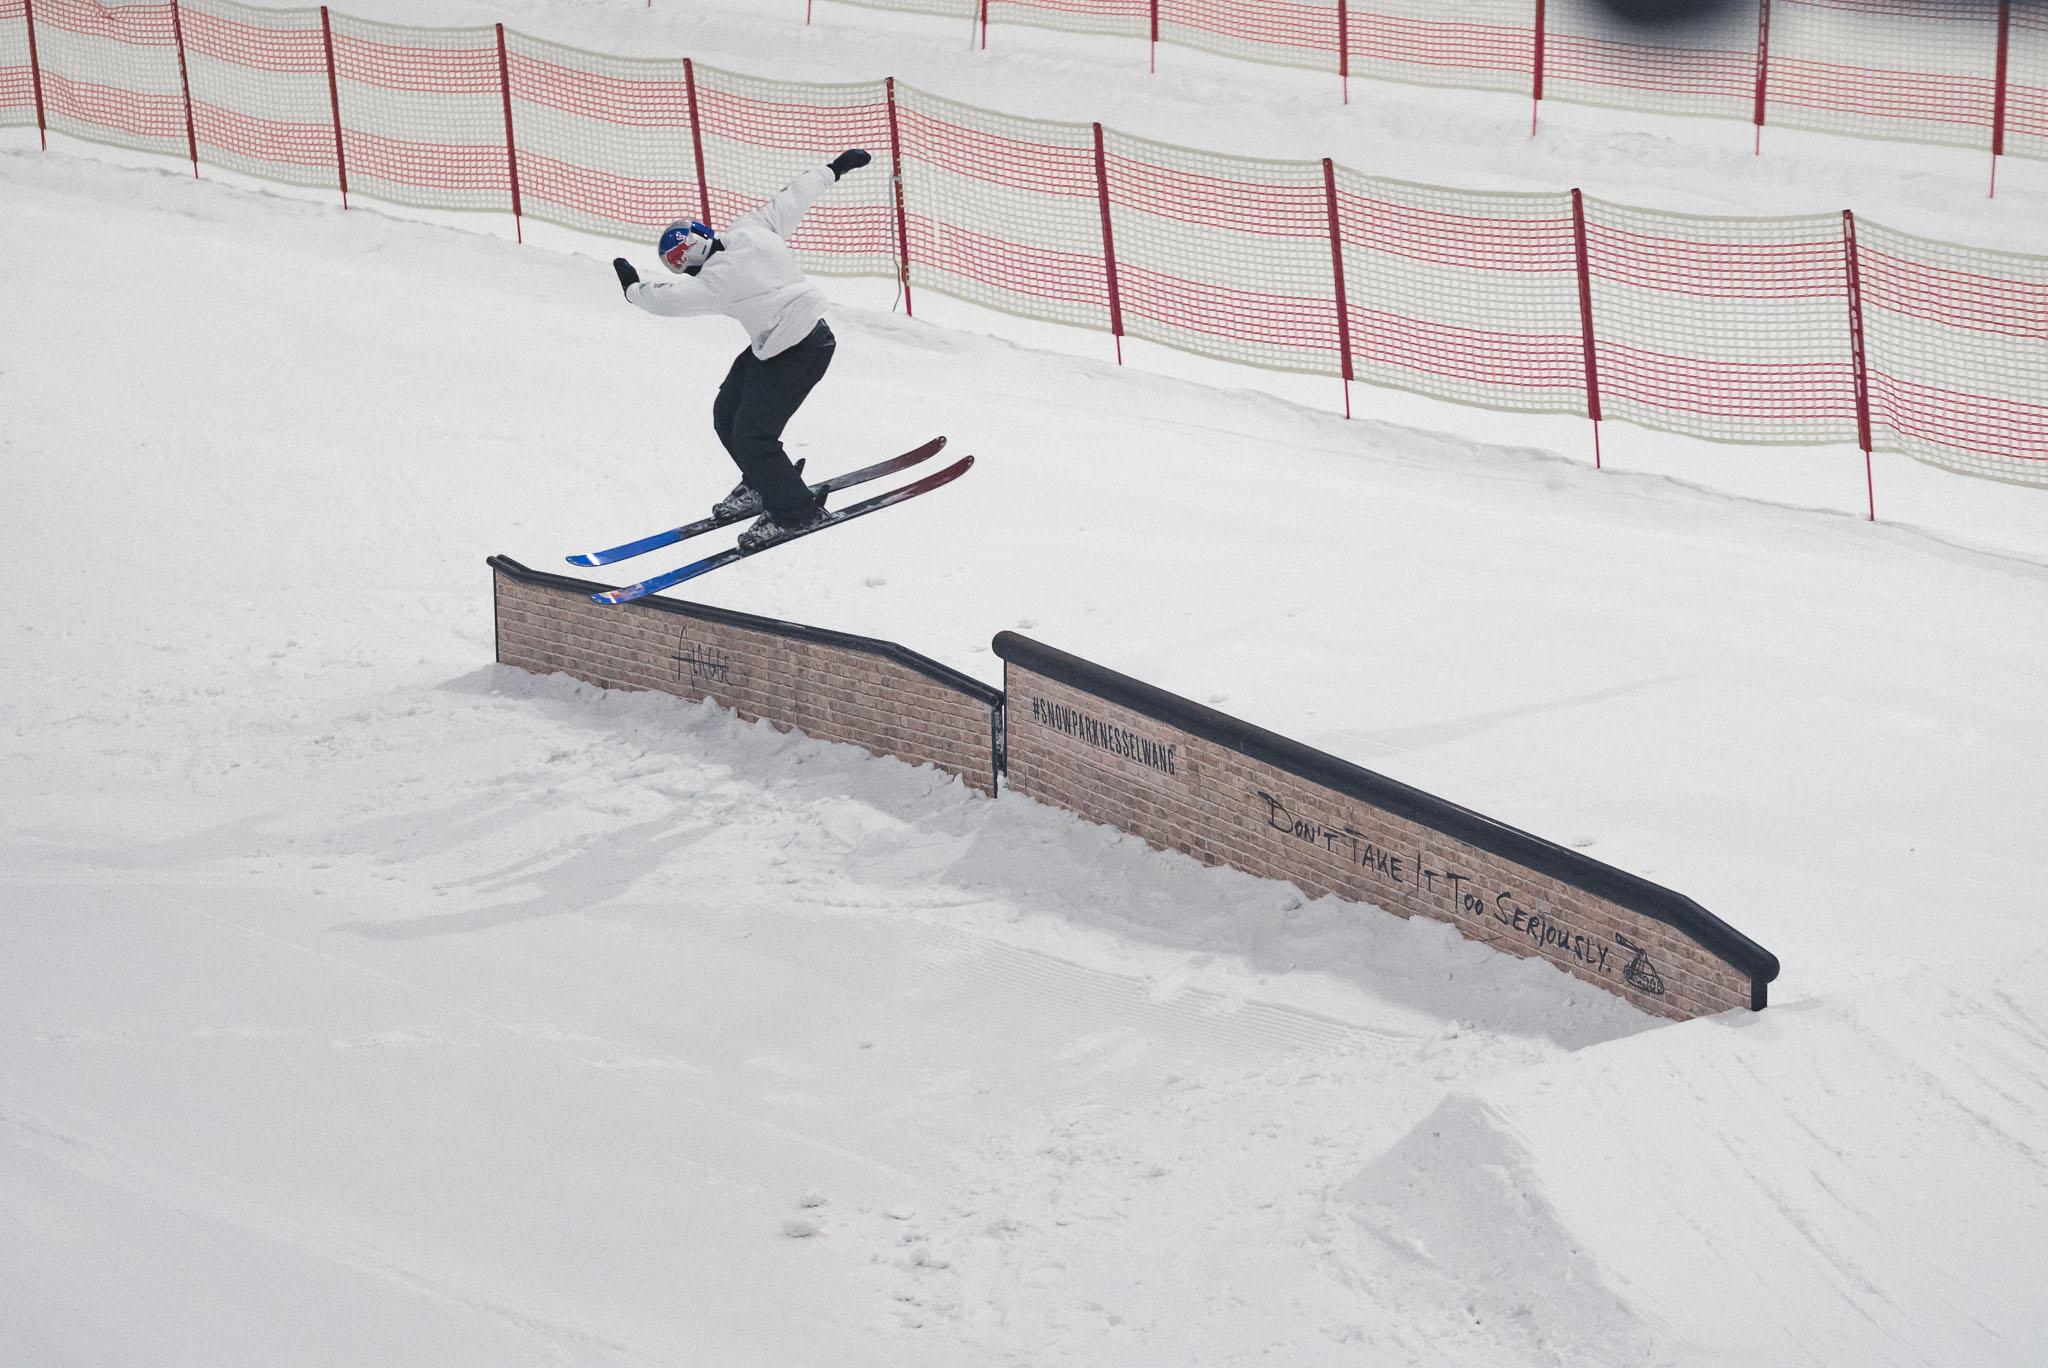 Das Swiss Freeski Team um Kai Mahler war diesen Sommer bereits zwei Mal für Trainingscamps im Snowpark Bispingen